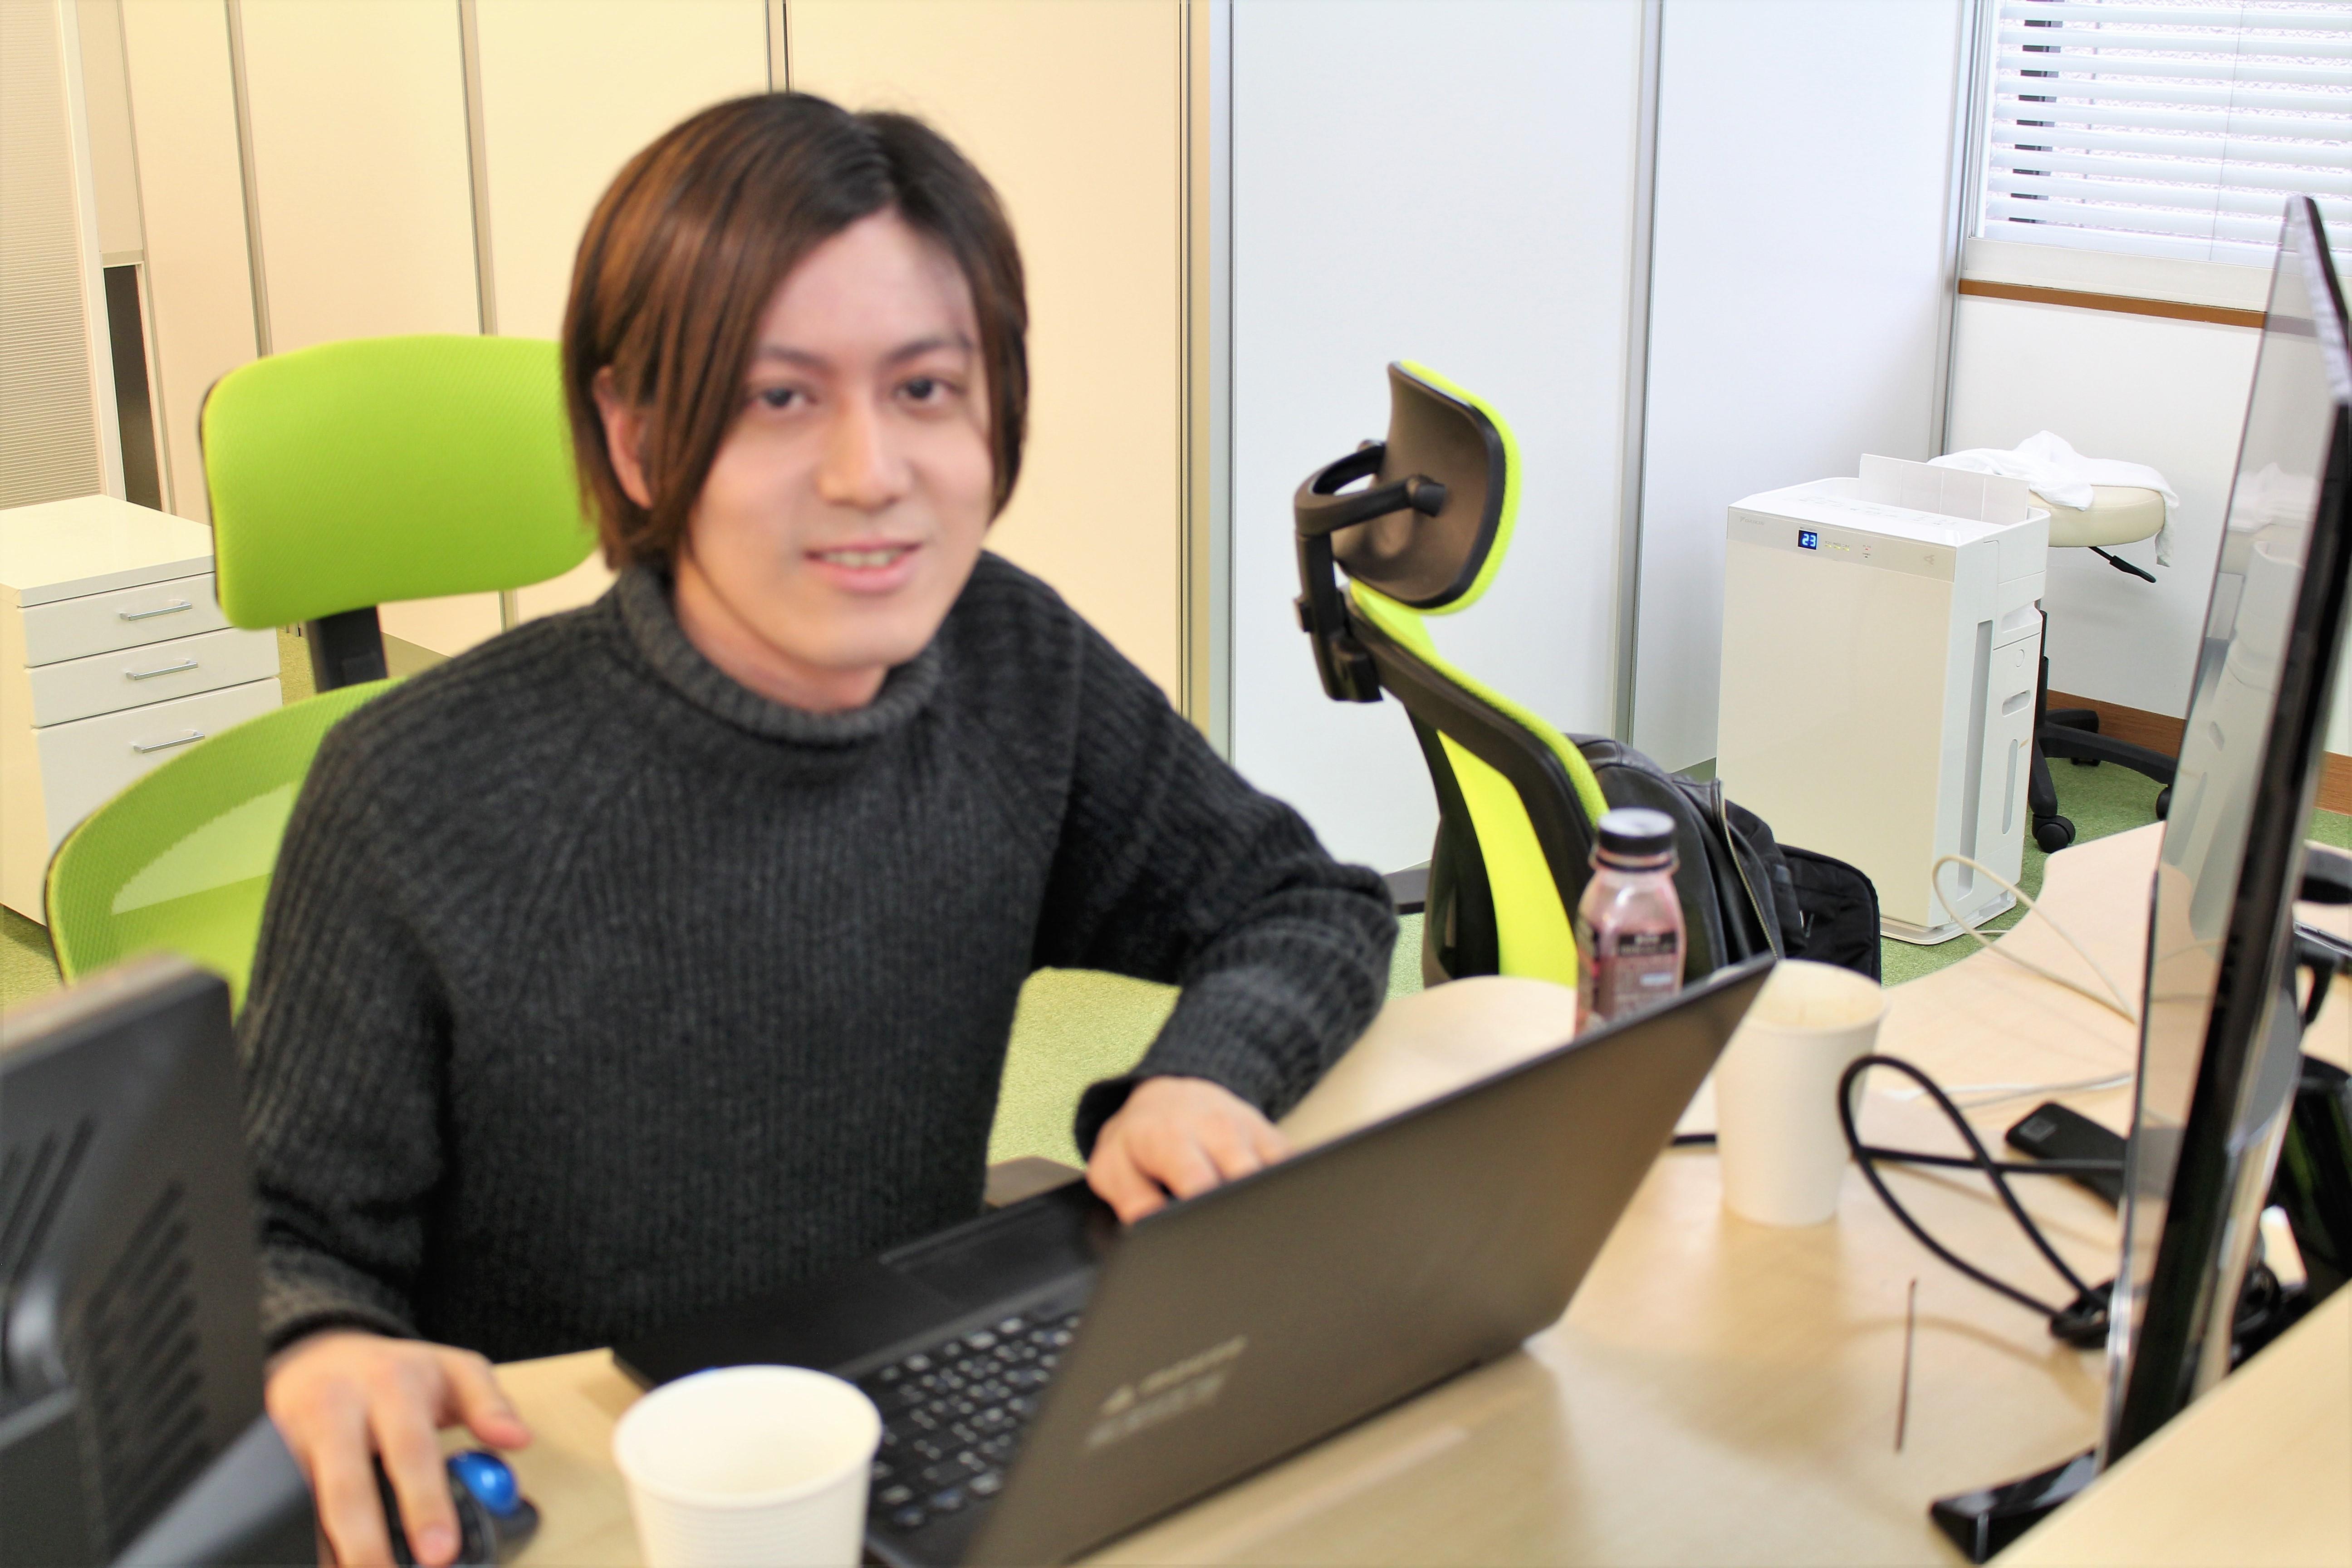 【インタビュー1】22歳/メディア事業部リーダー